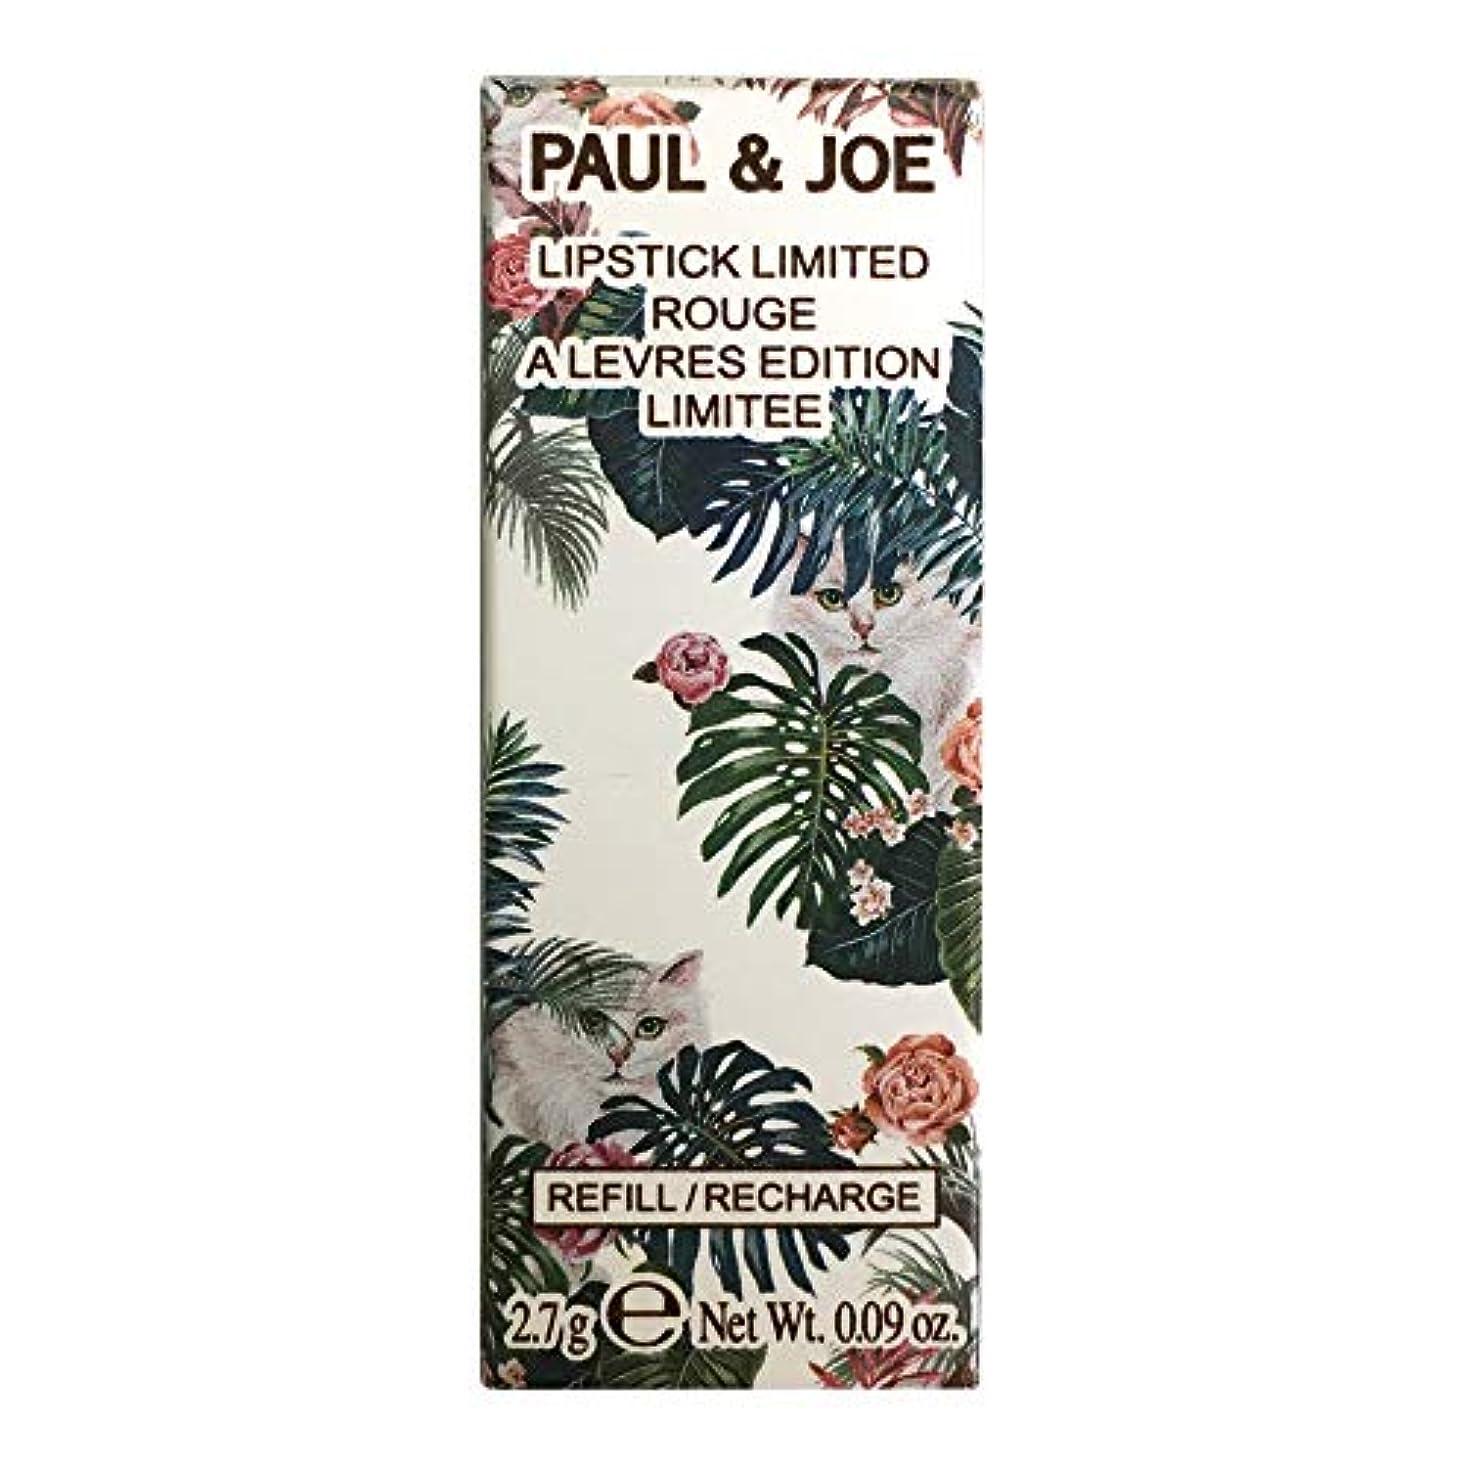 郵便ブームアクセスポール & ジョー/PAUL & JOE リップスティック リミテッド #007(レフィル) (限定) [ 口紅 ] [並行輸入品]